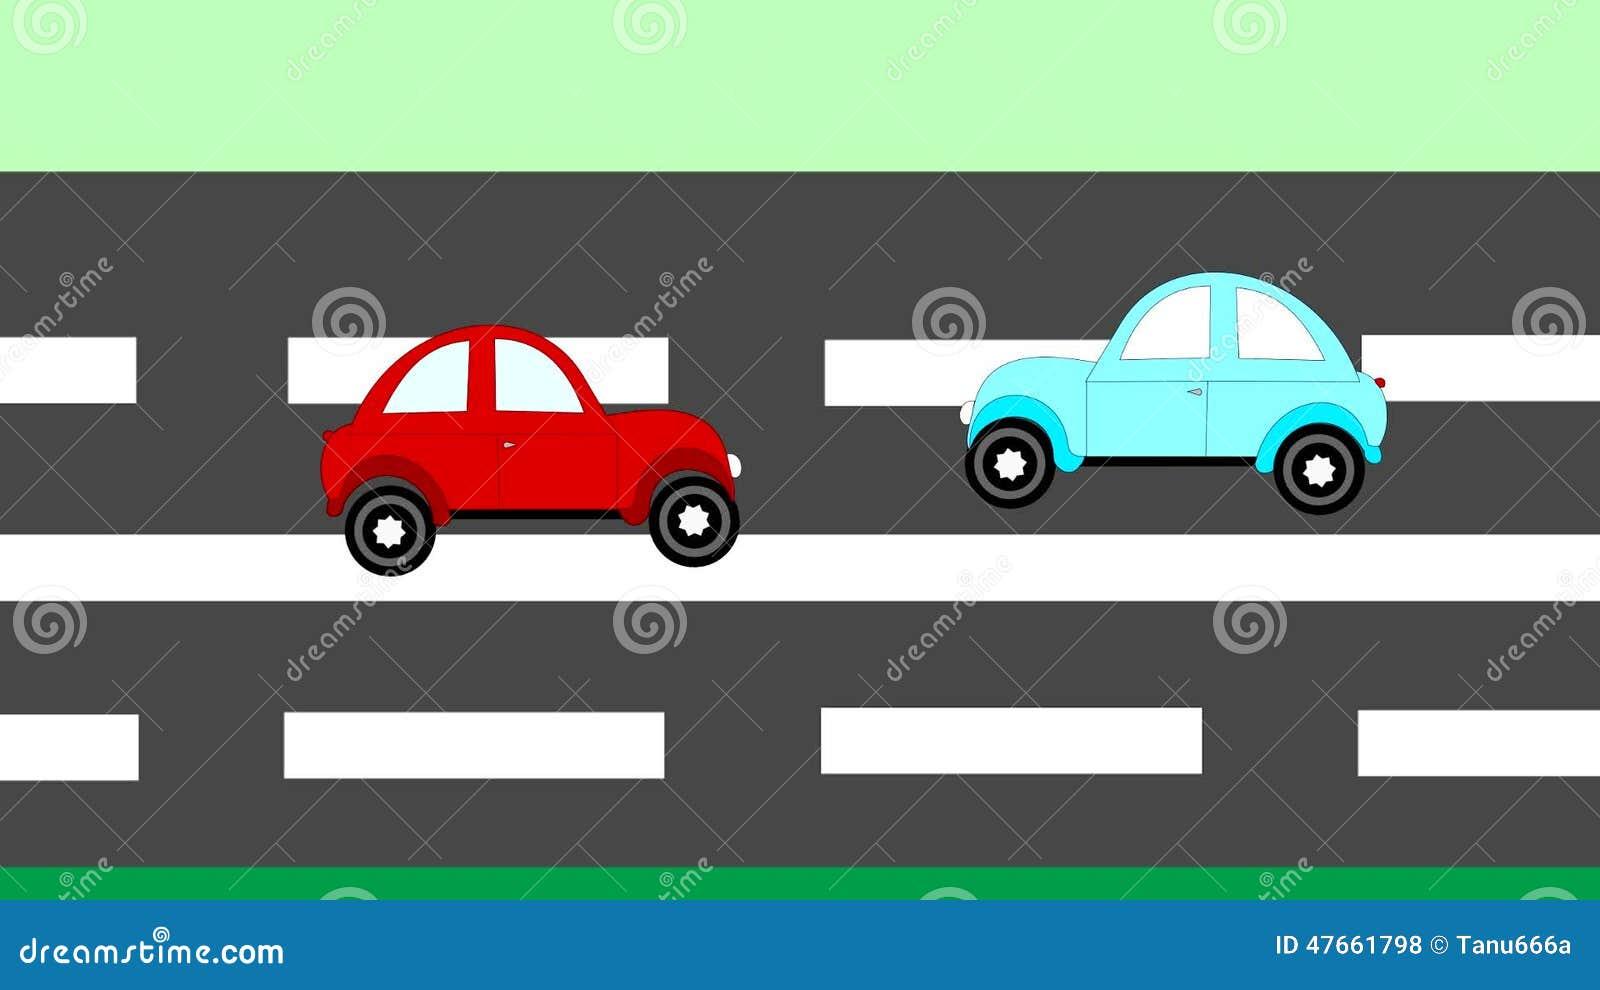 Fantastisch Autounfall Nachstellung Ideen - Verdrahtungsideen ...